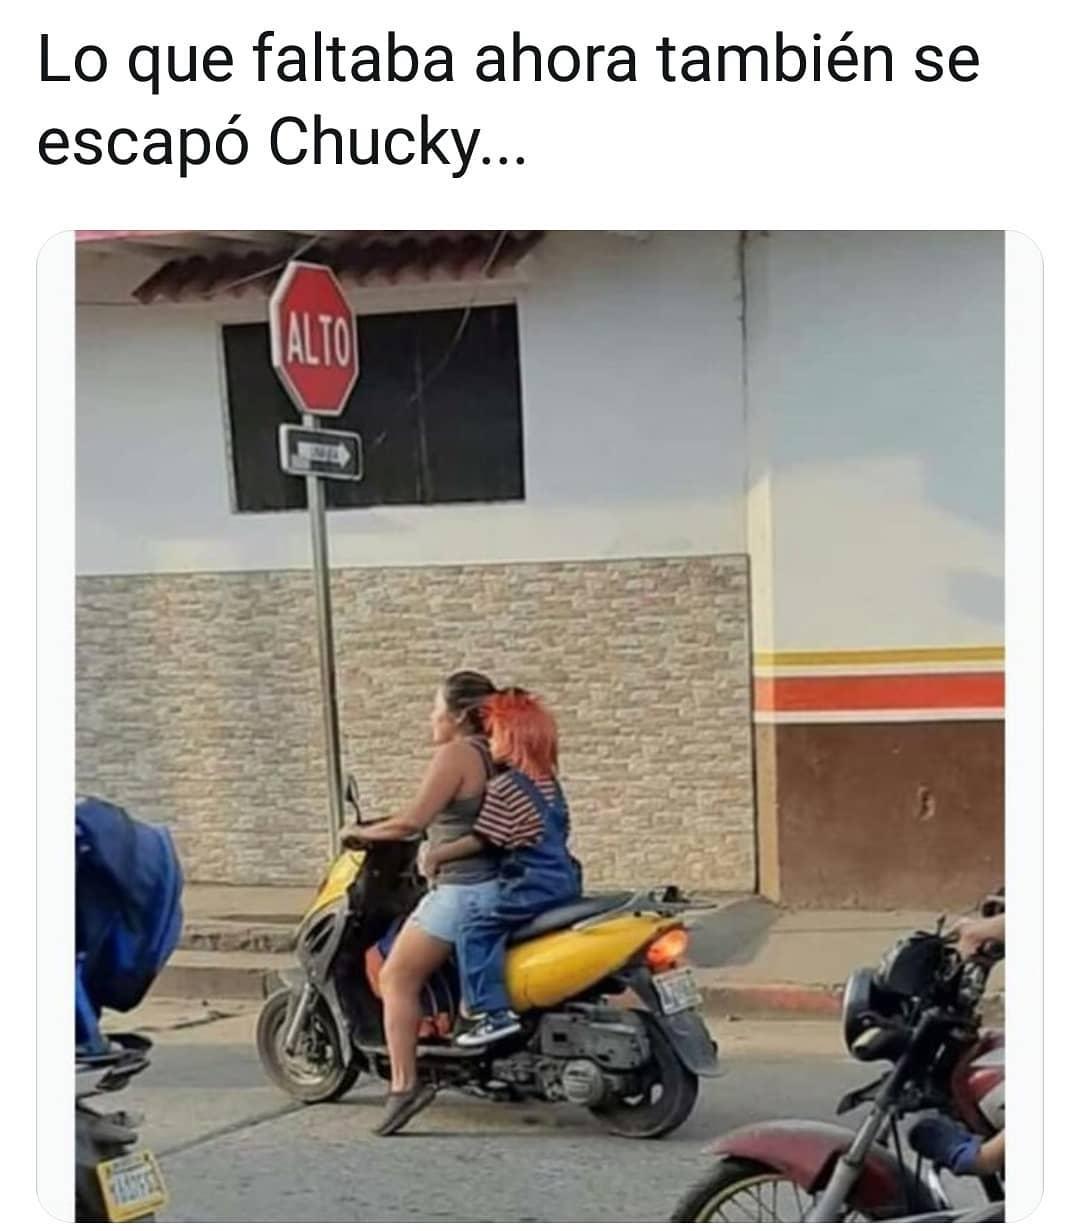 Lo que faltaba, ahora también se escapó Chucky...